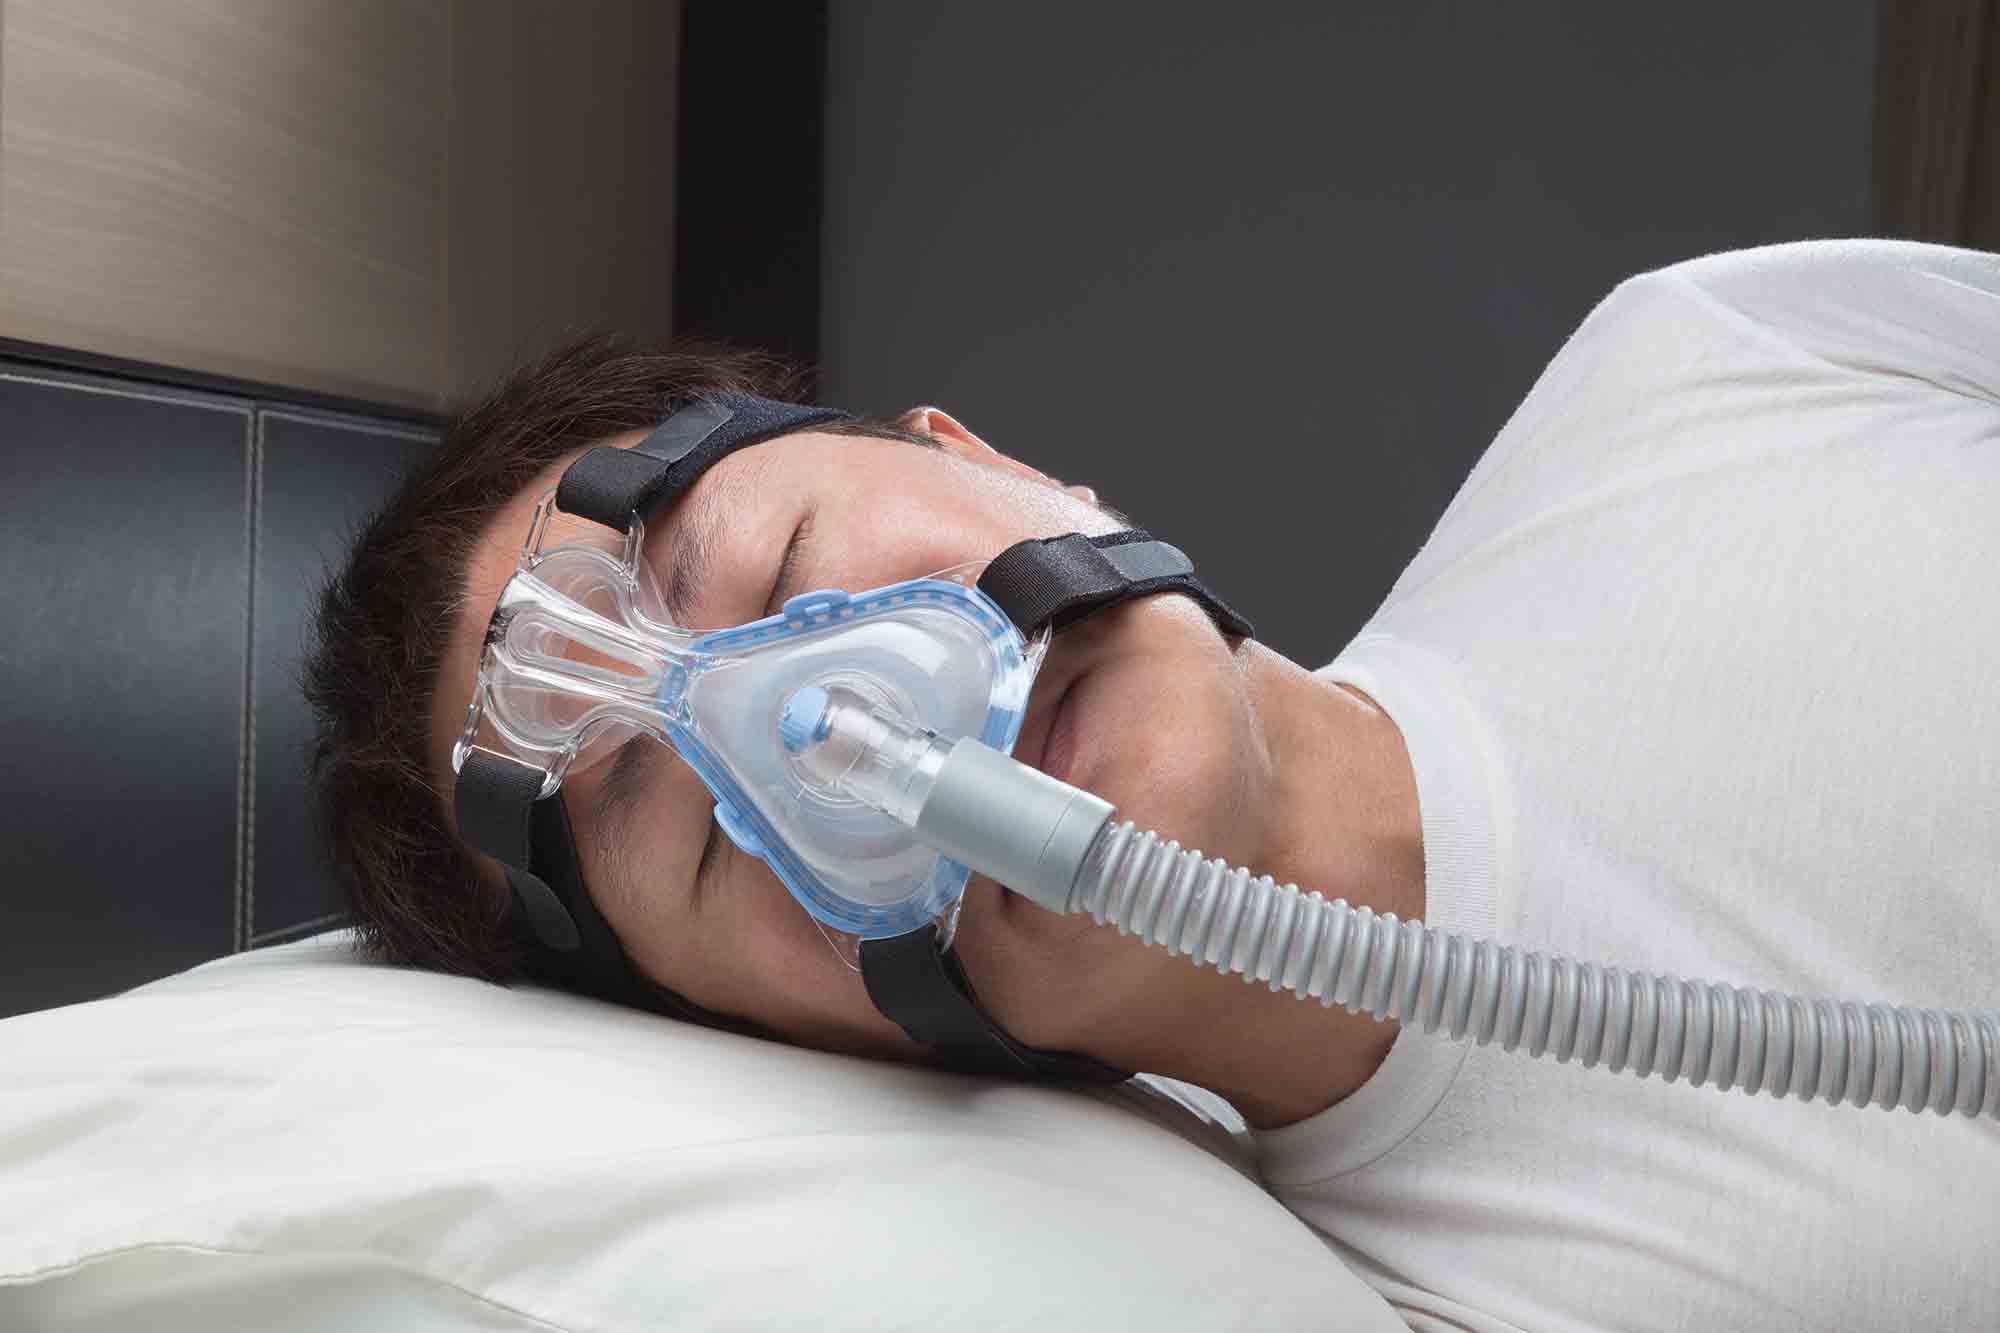 sonoterapia como e feita terapia do sono